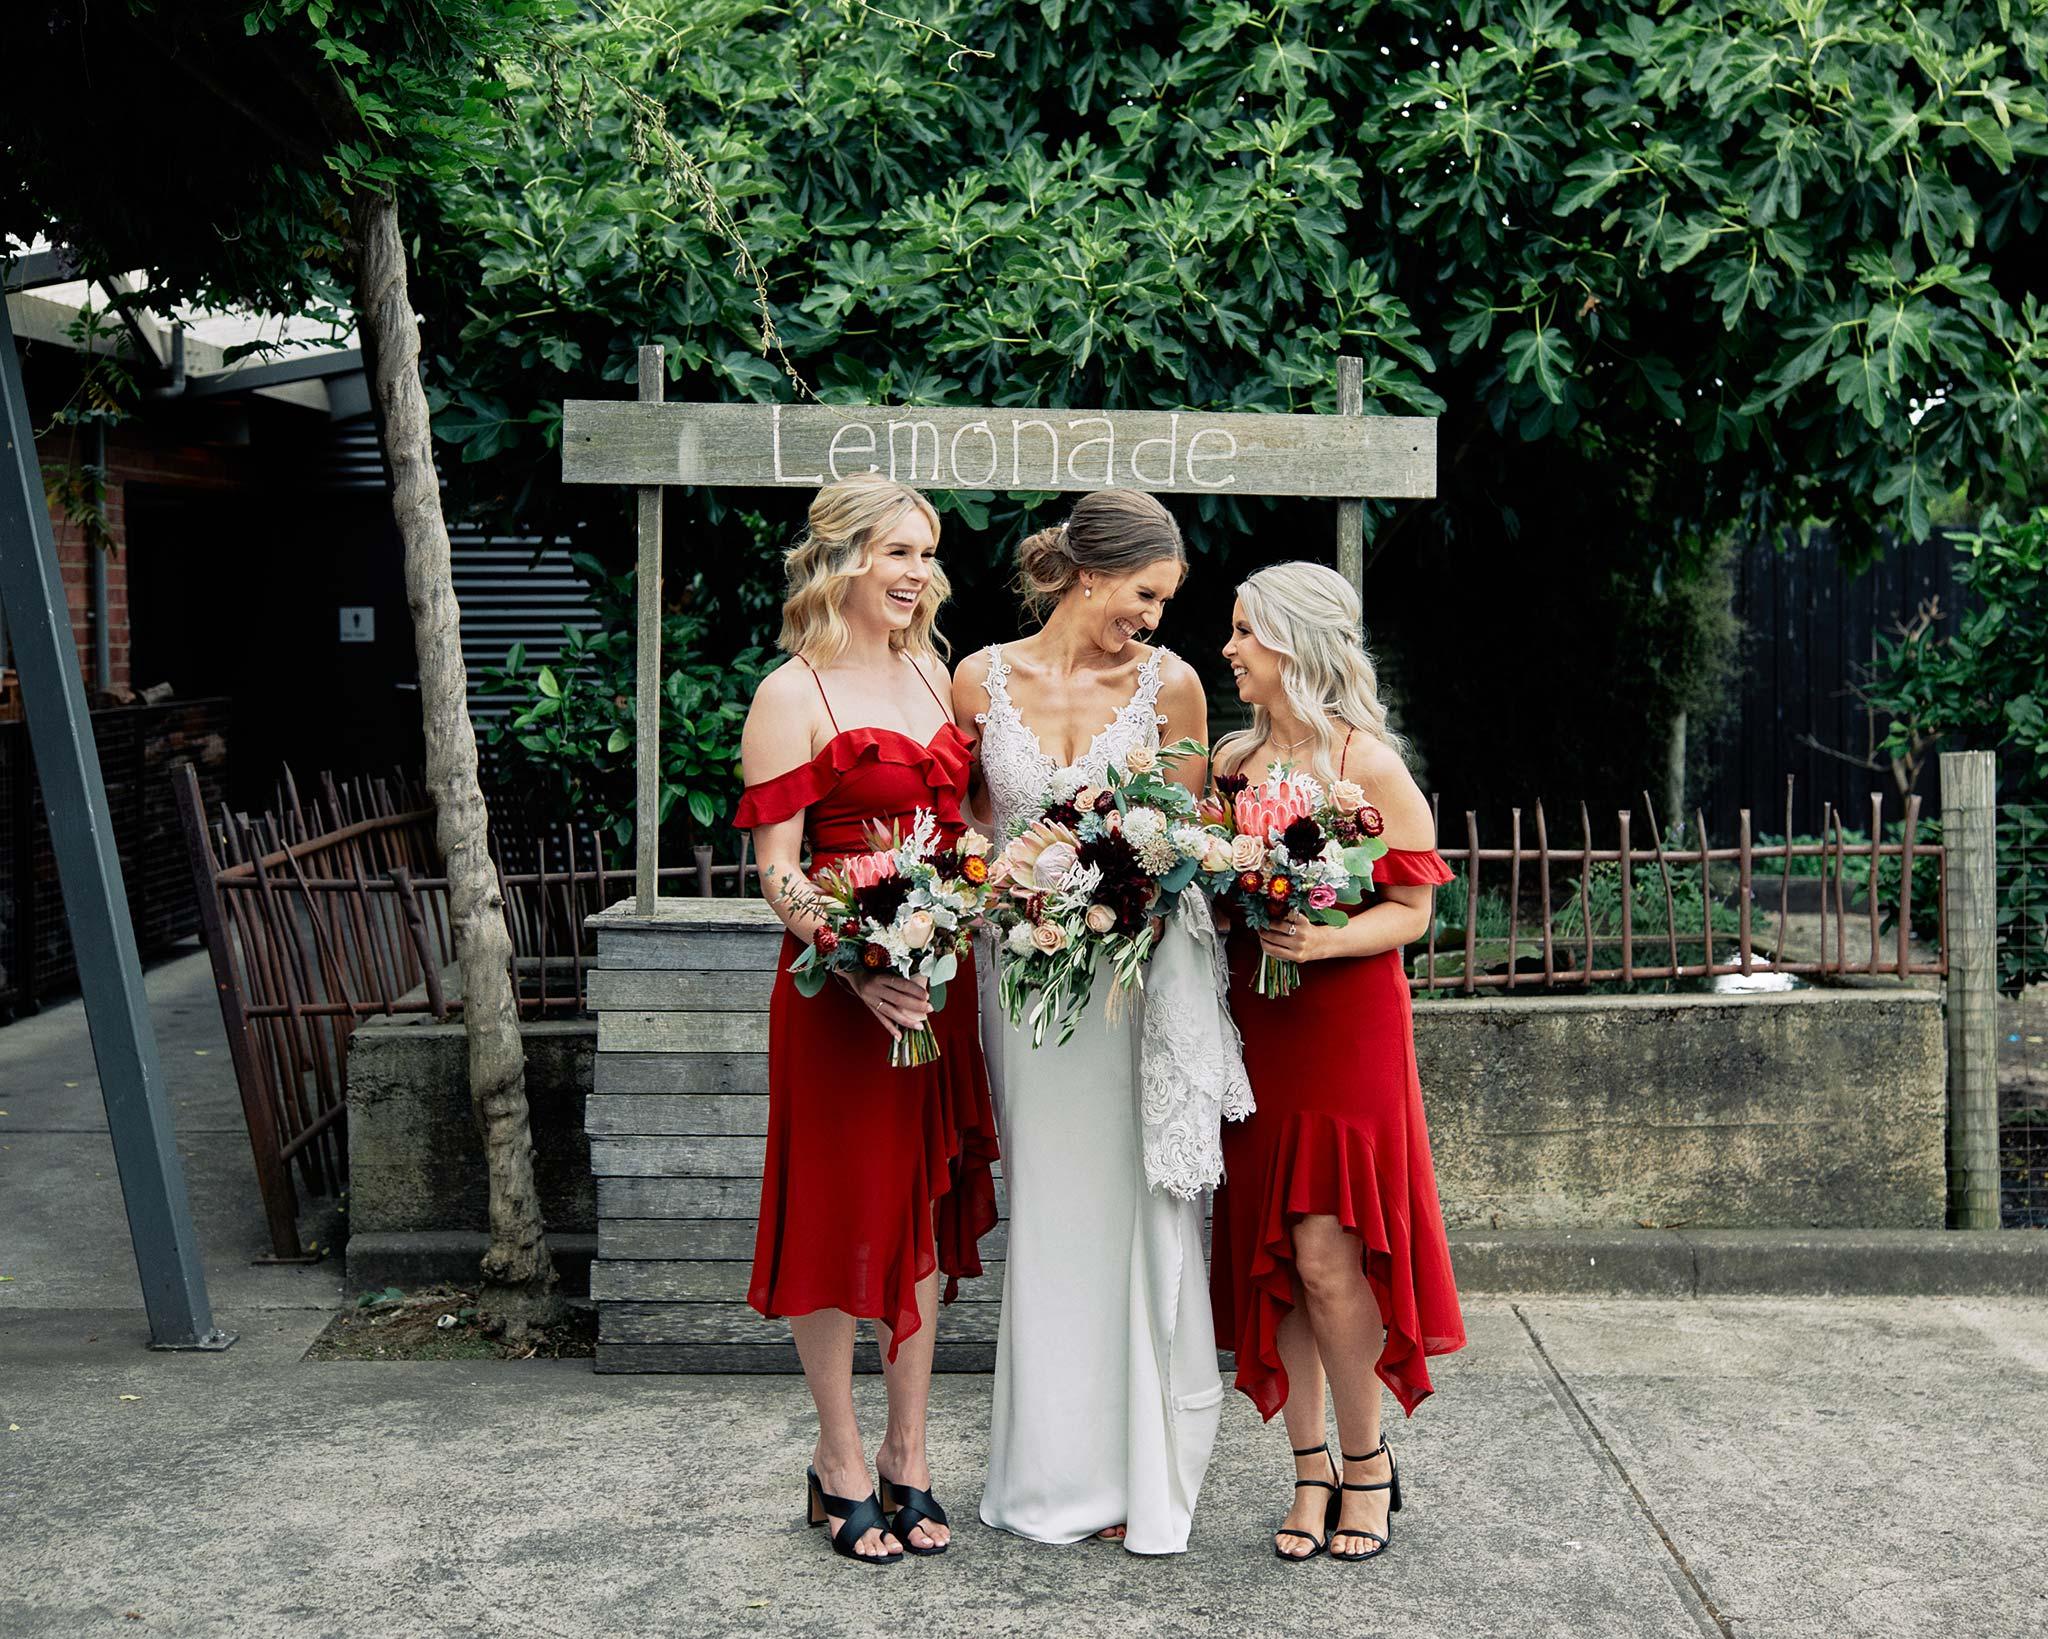 Zonzo estate wedding bridal party